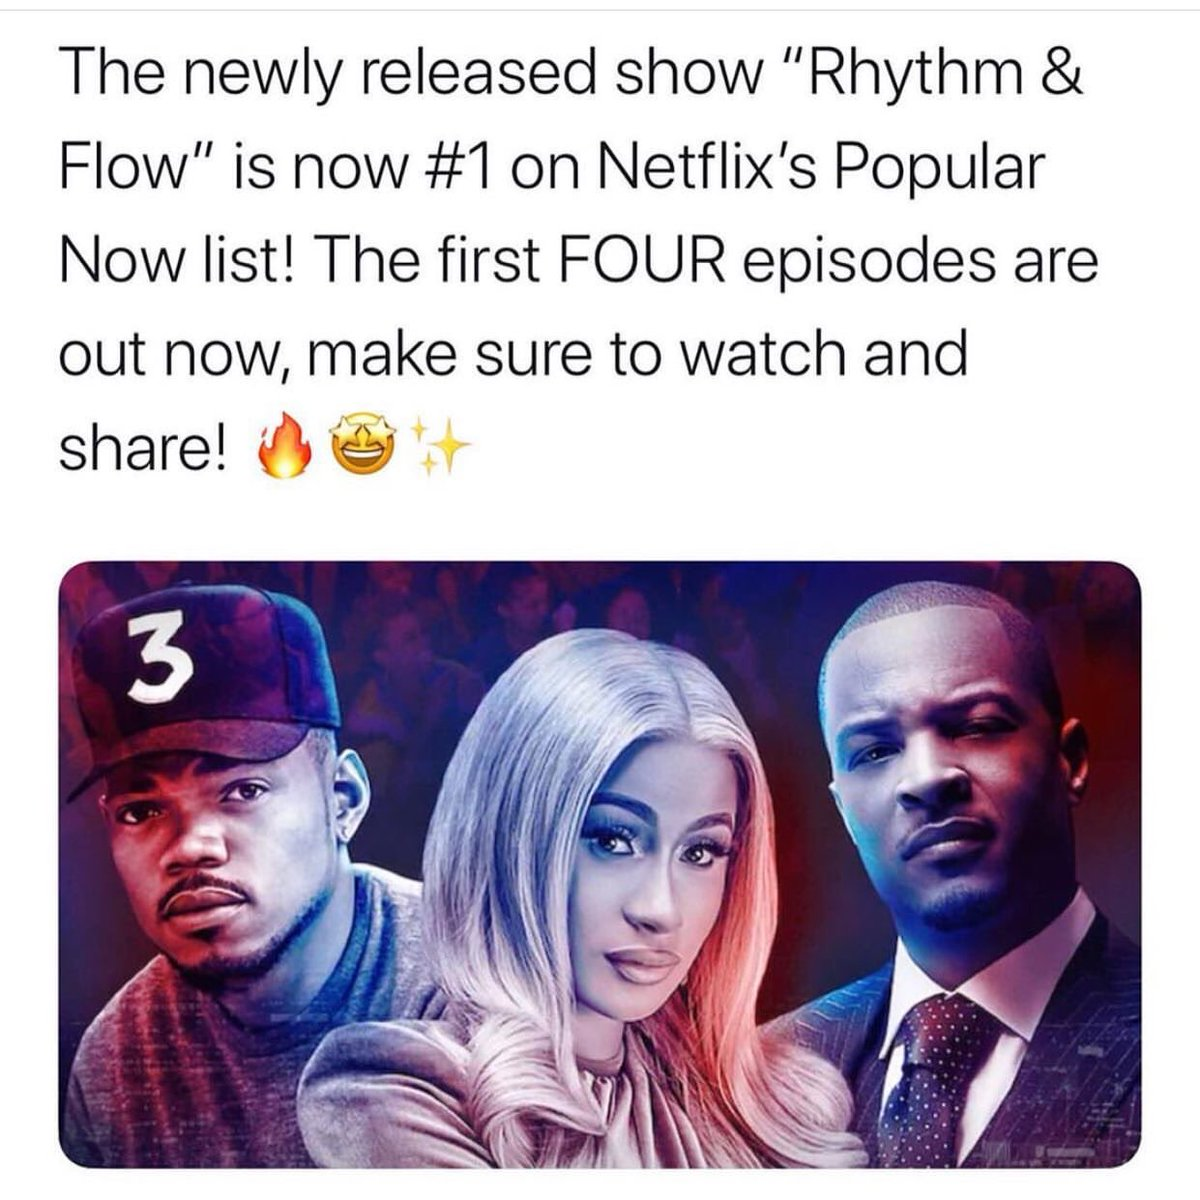 Here's a Fun Fact👑 Rhythm + Flow is now streaming on Netflix @rhythmflow #RhythmAndFlow